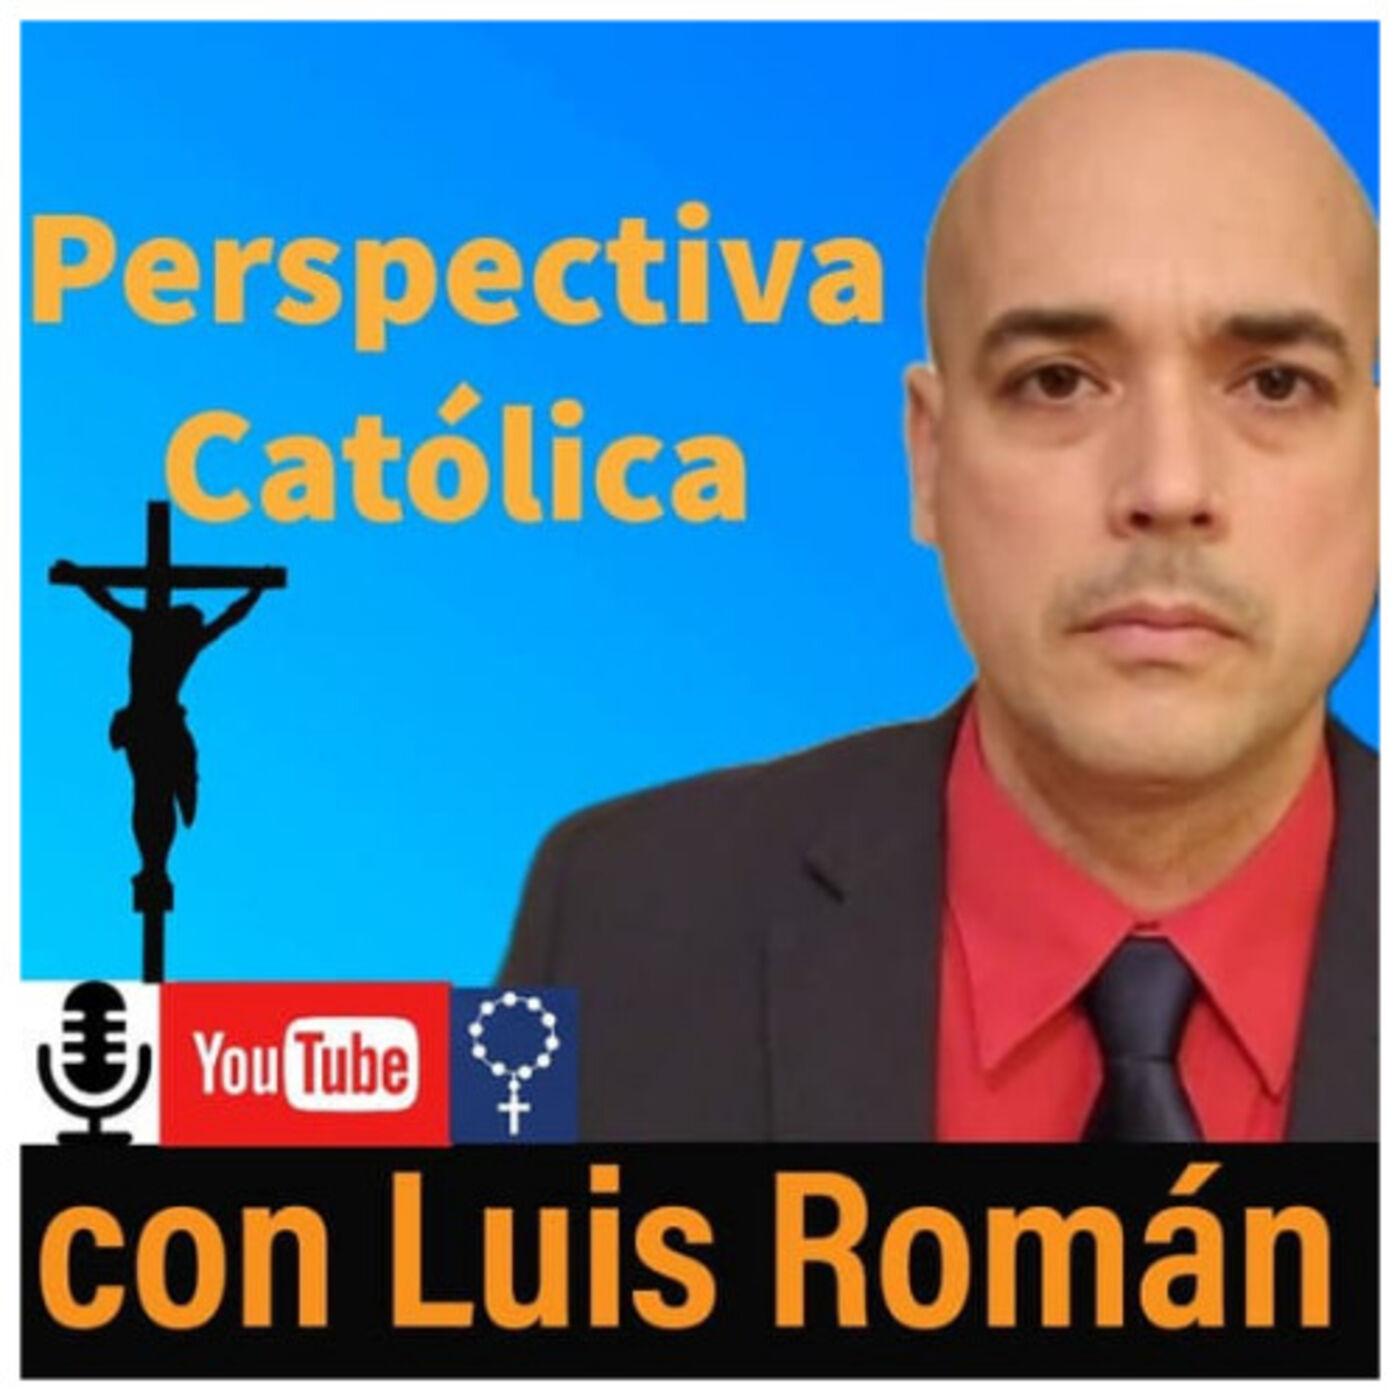 Perspectiva Católica 14: Silenciados P Juan Rivas y James Altman🚫P James Martin invita celebrar el mes del Orgullo Luis Roman